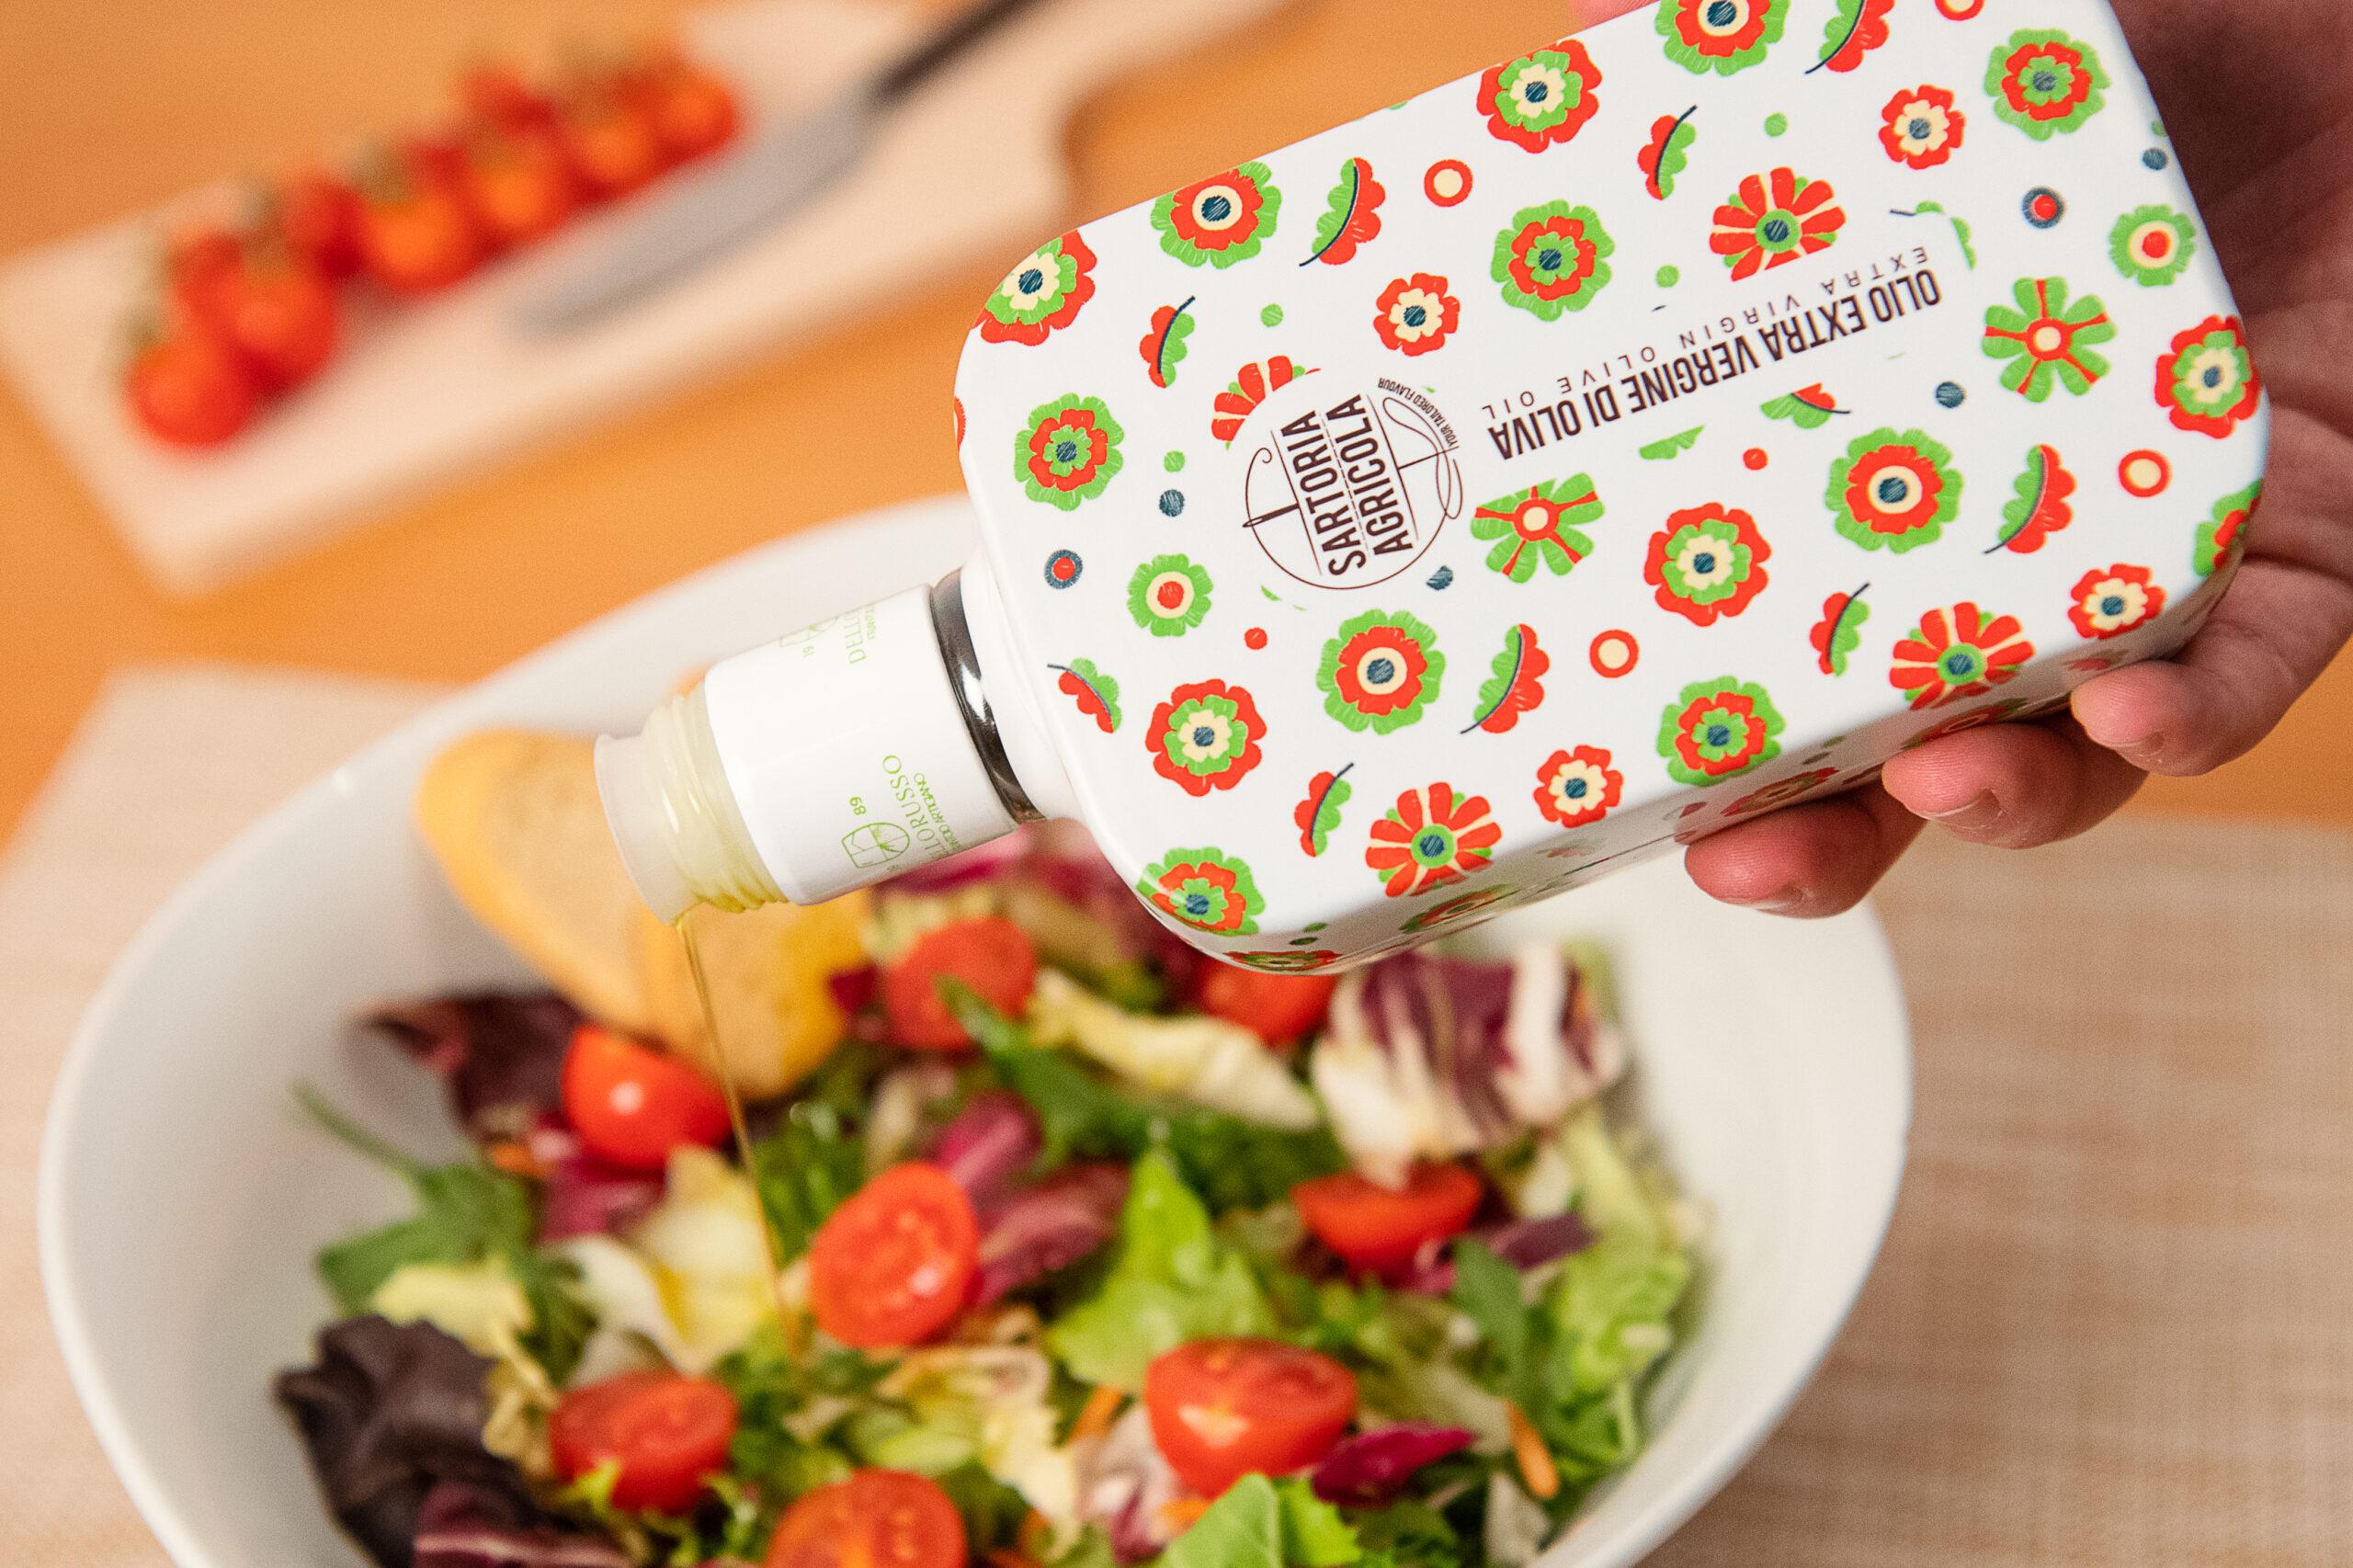 quante calorie olio extravergine di oliva donna francesca